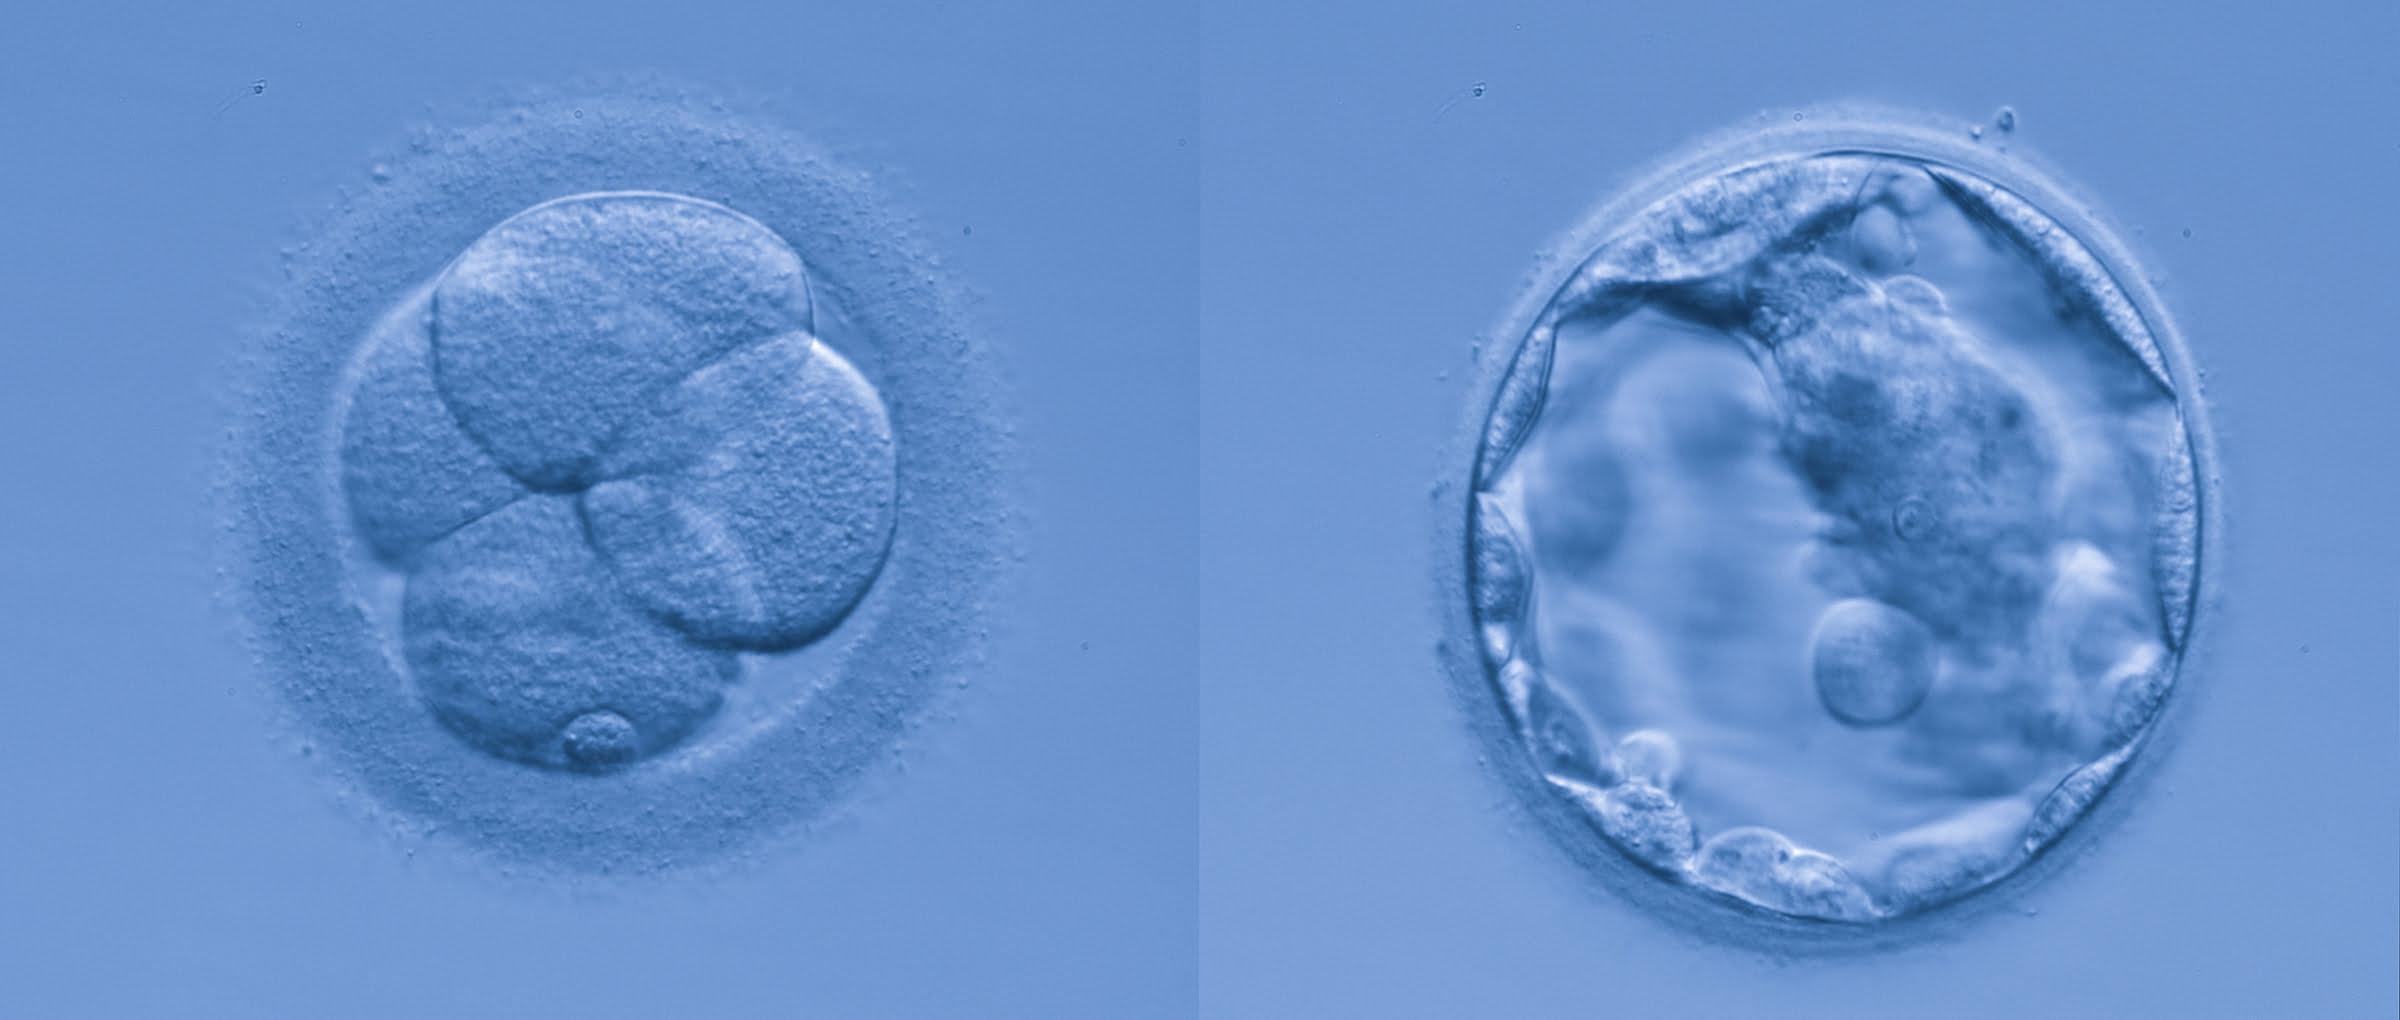 Embriones en el laboratorio